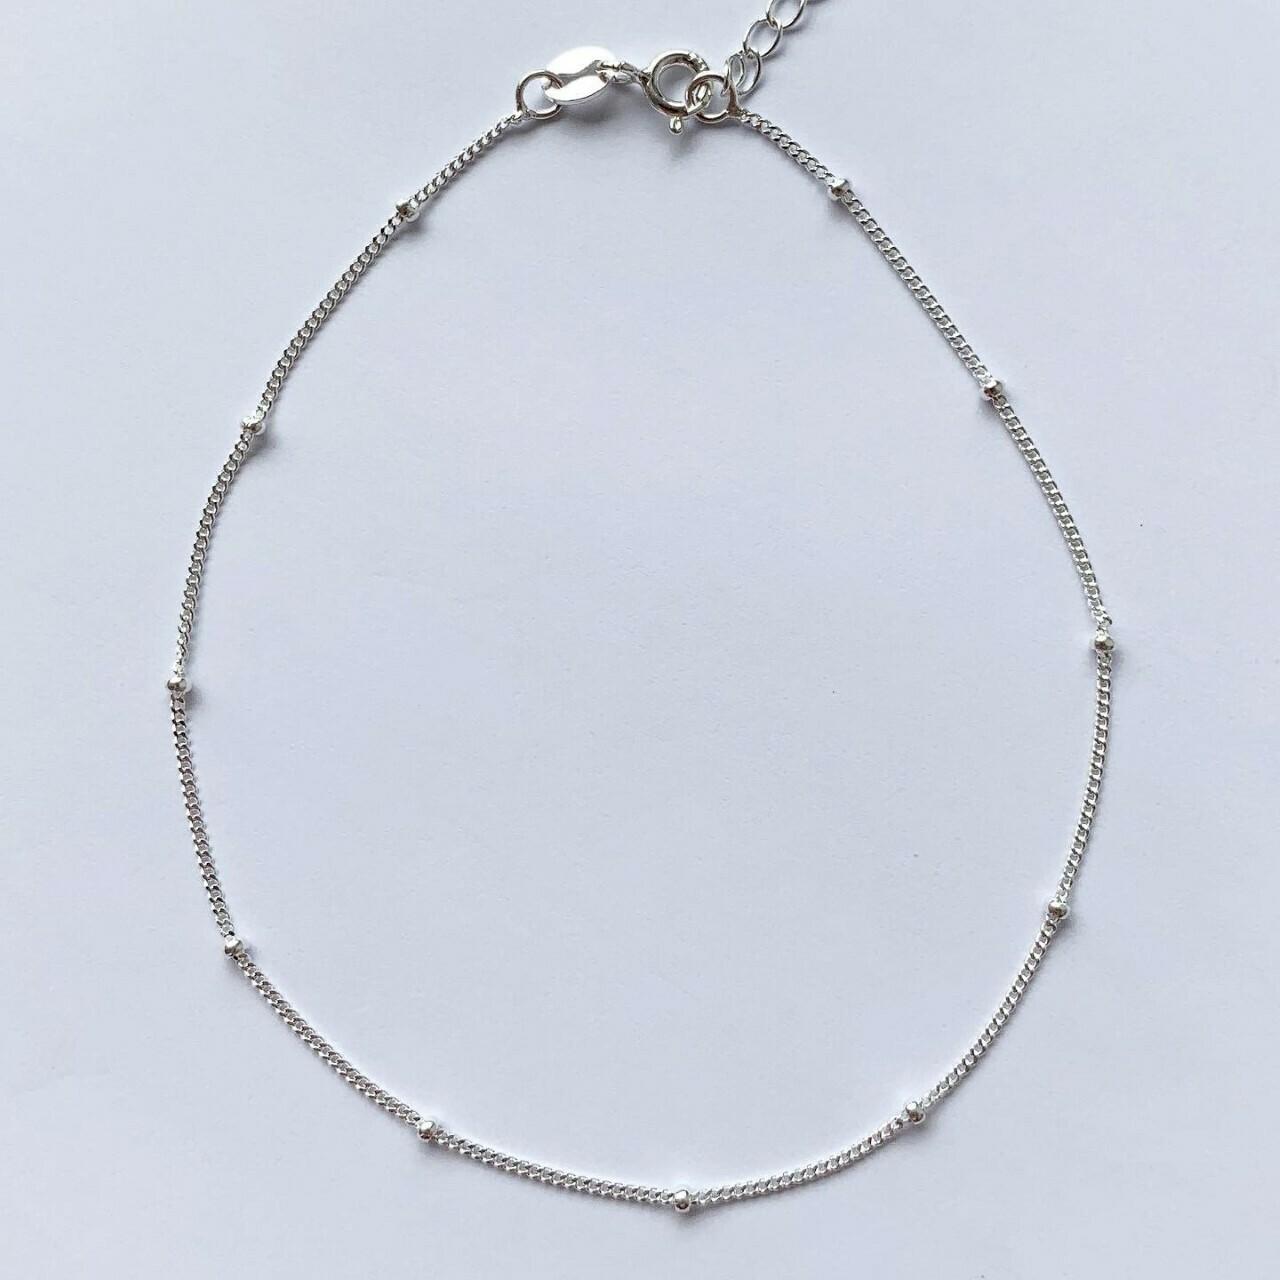 Enkelbandje met tiny beads 925 sterling zilver